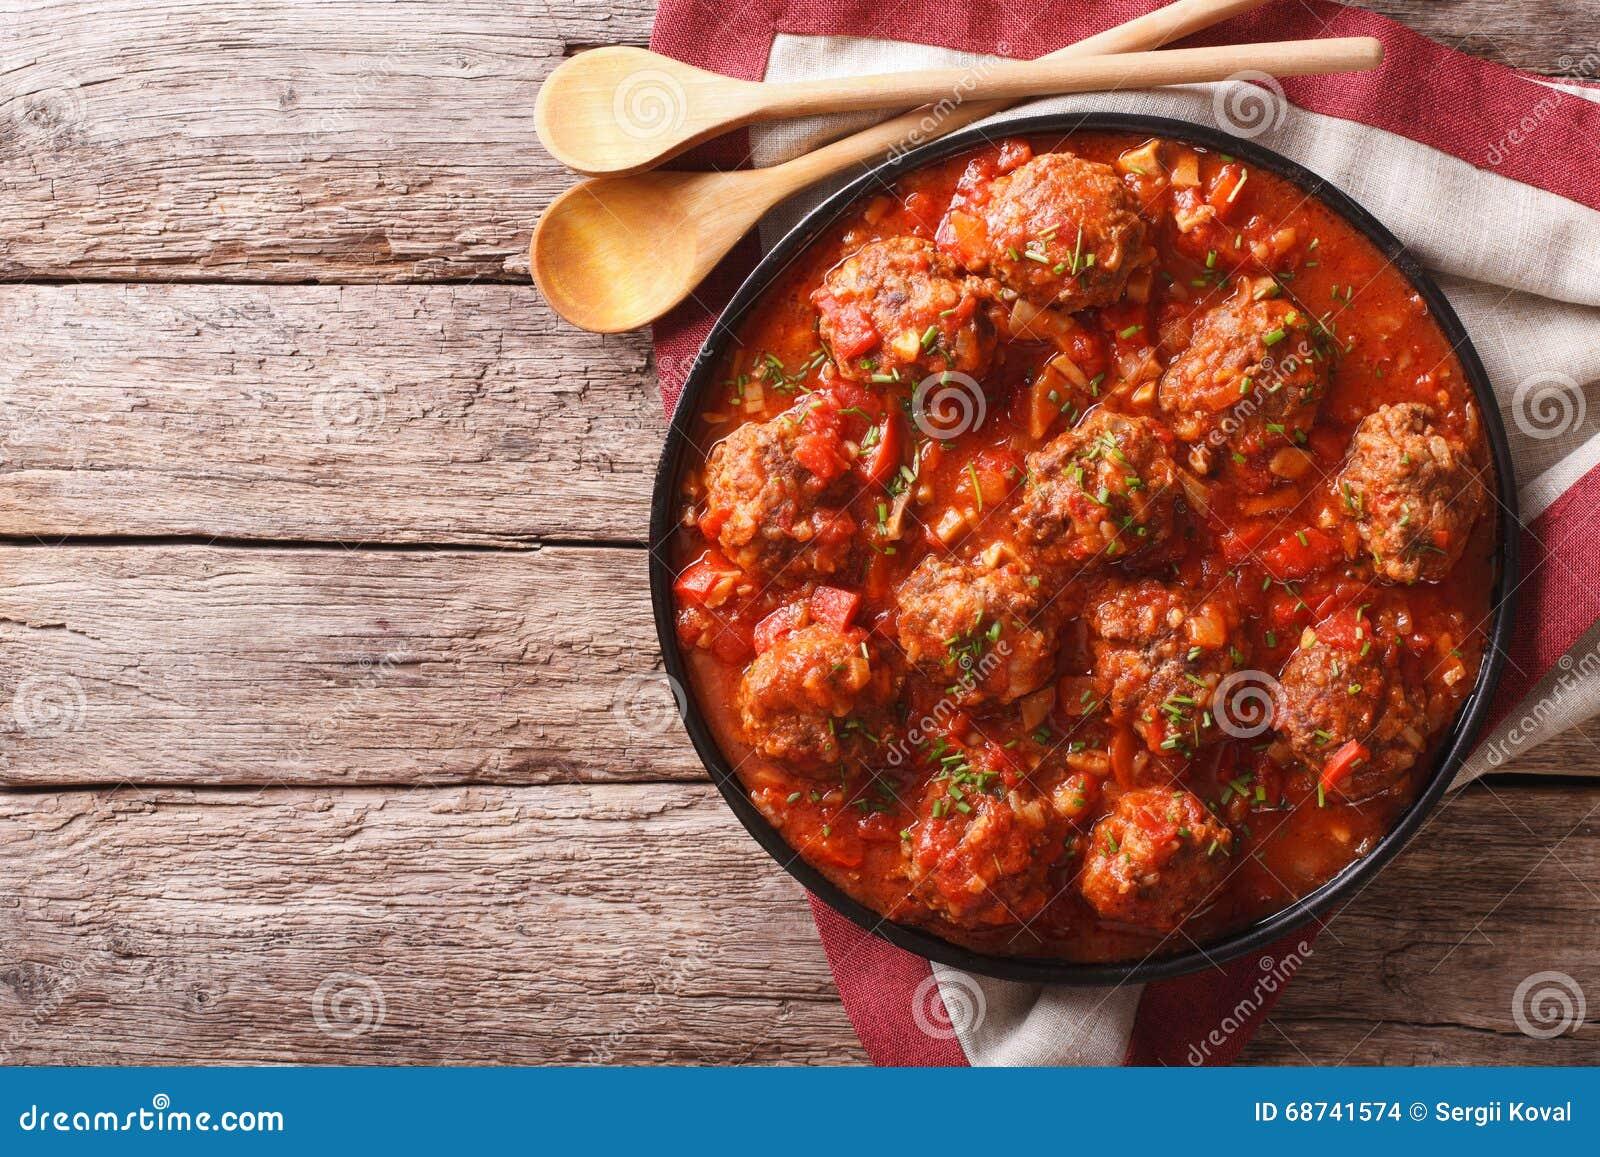 Polpette con salsa al pomodoro piccante su un piatto sulla tavola Horiz